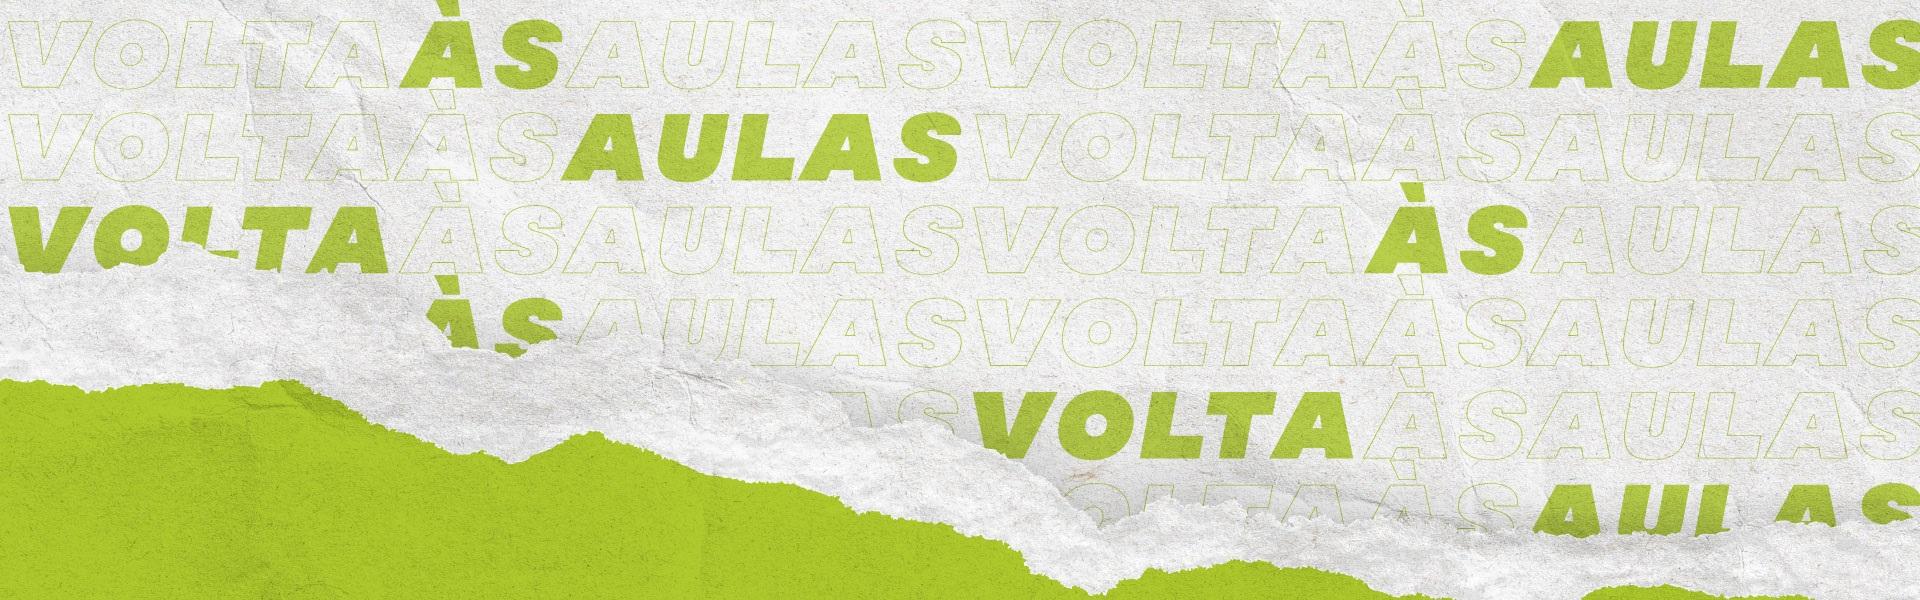 Banner Volta as Aulas